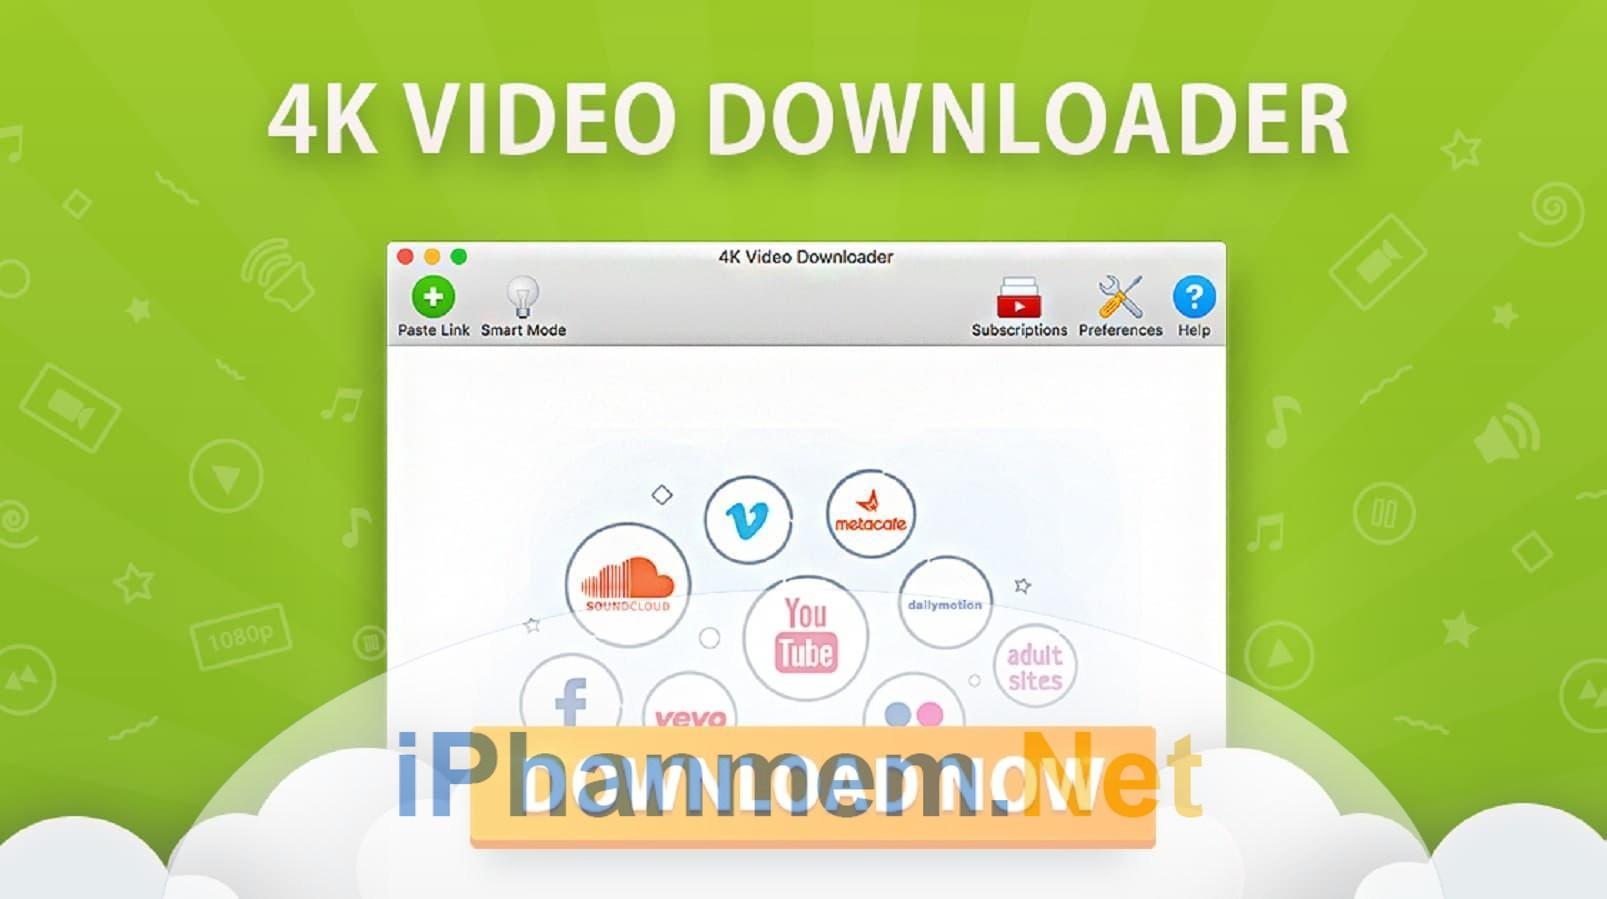 Phần mềm 4K Video Downloader sẽ giúp bạn sở hữu nhạc MP3 từ video Youtube nhanh chóng